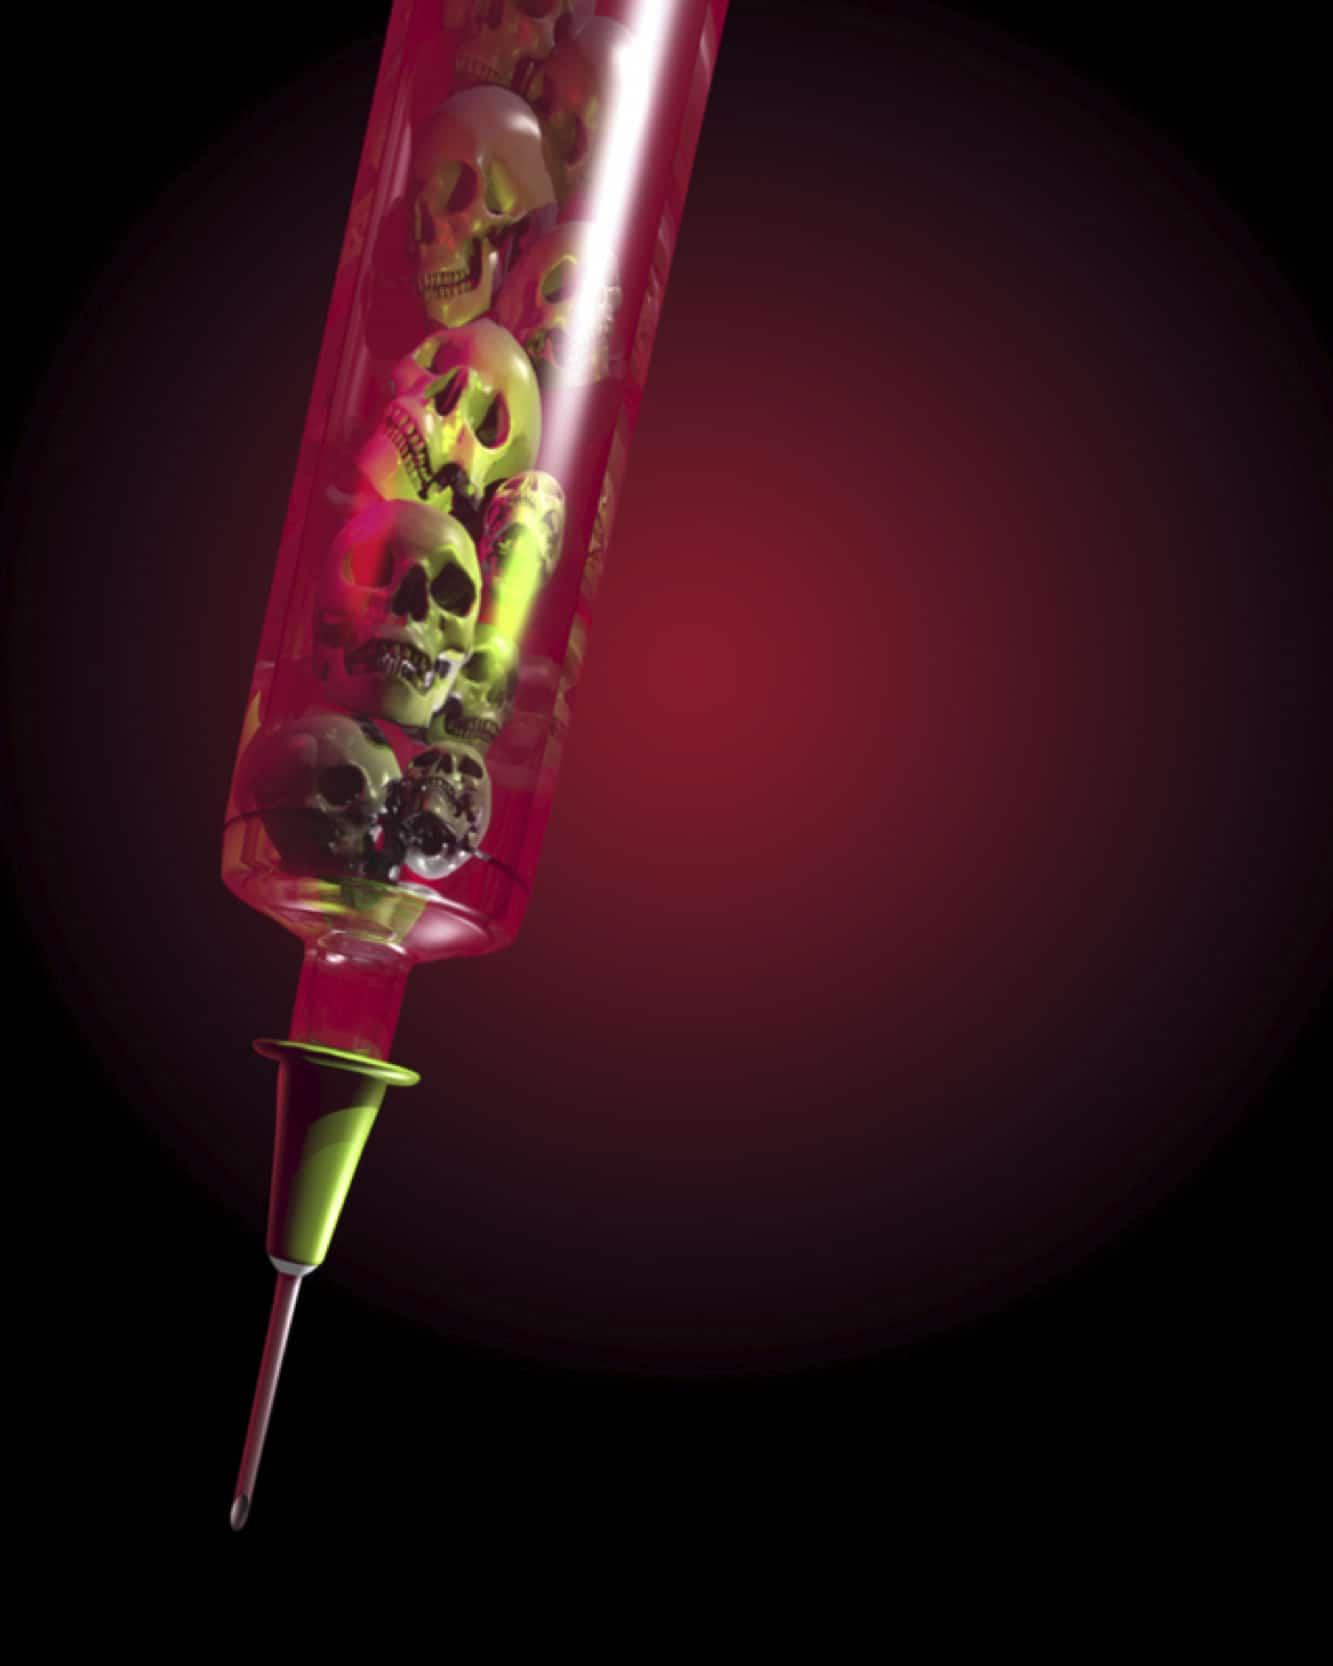 toxic vaccine adjuvant